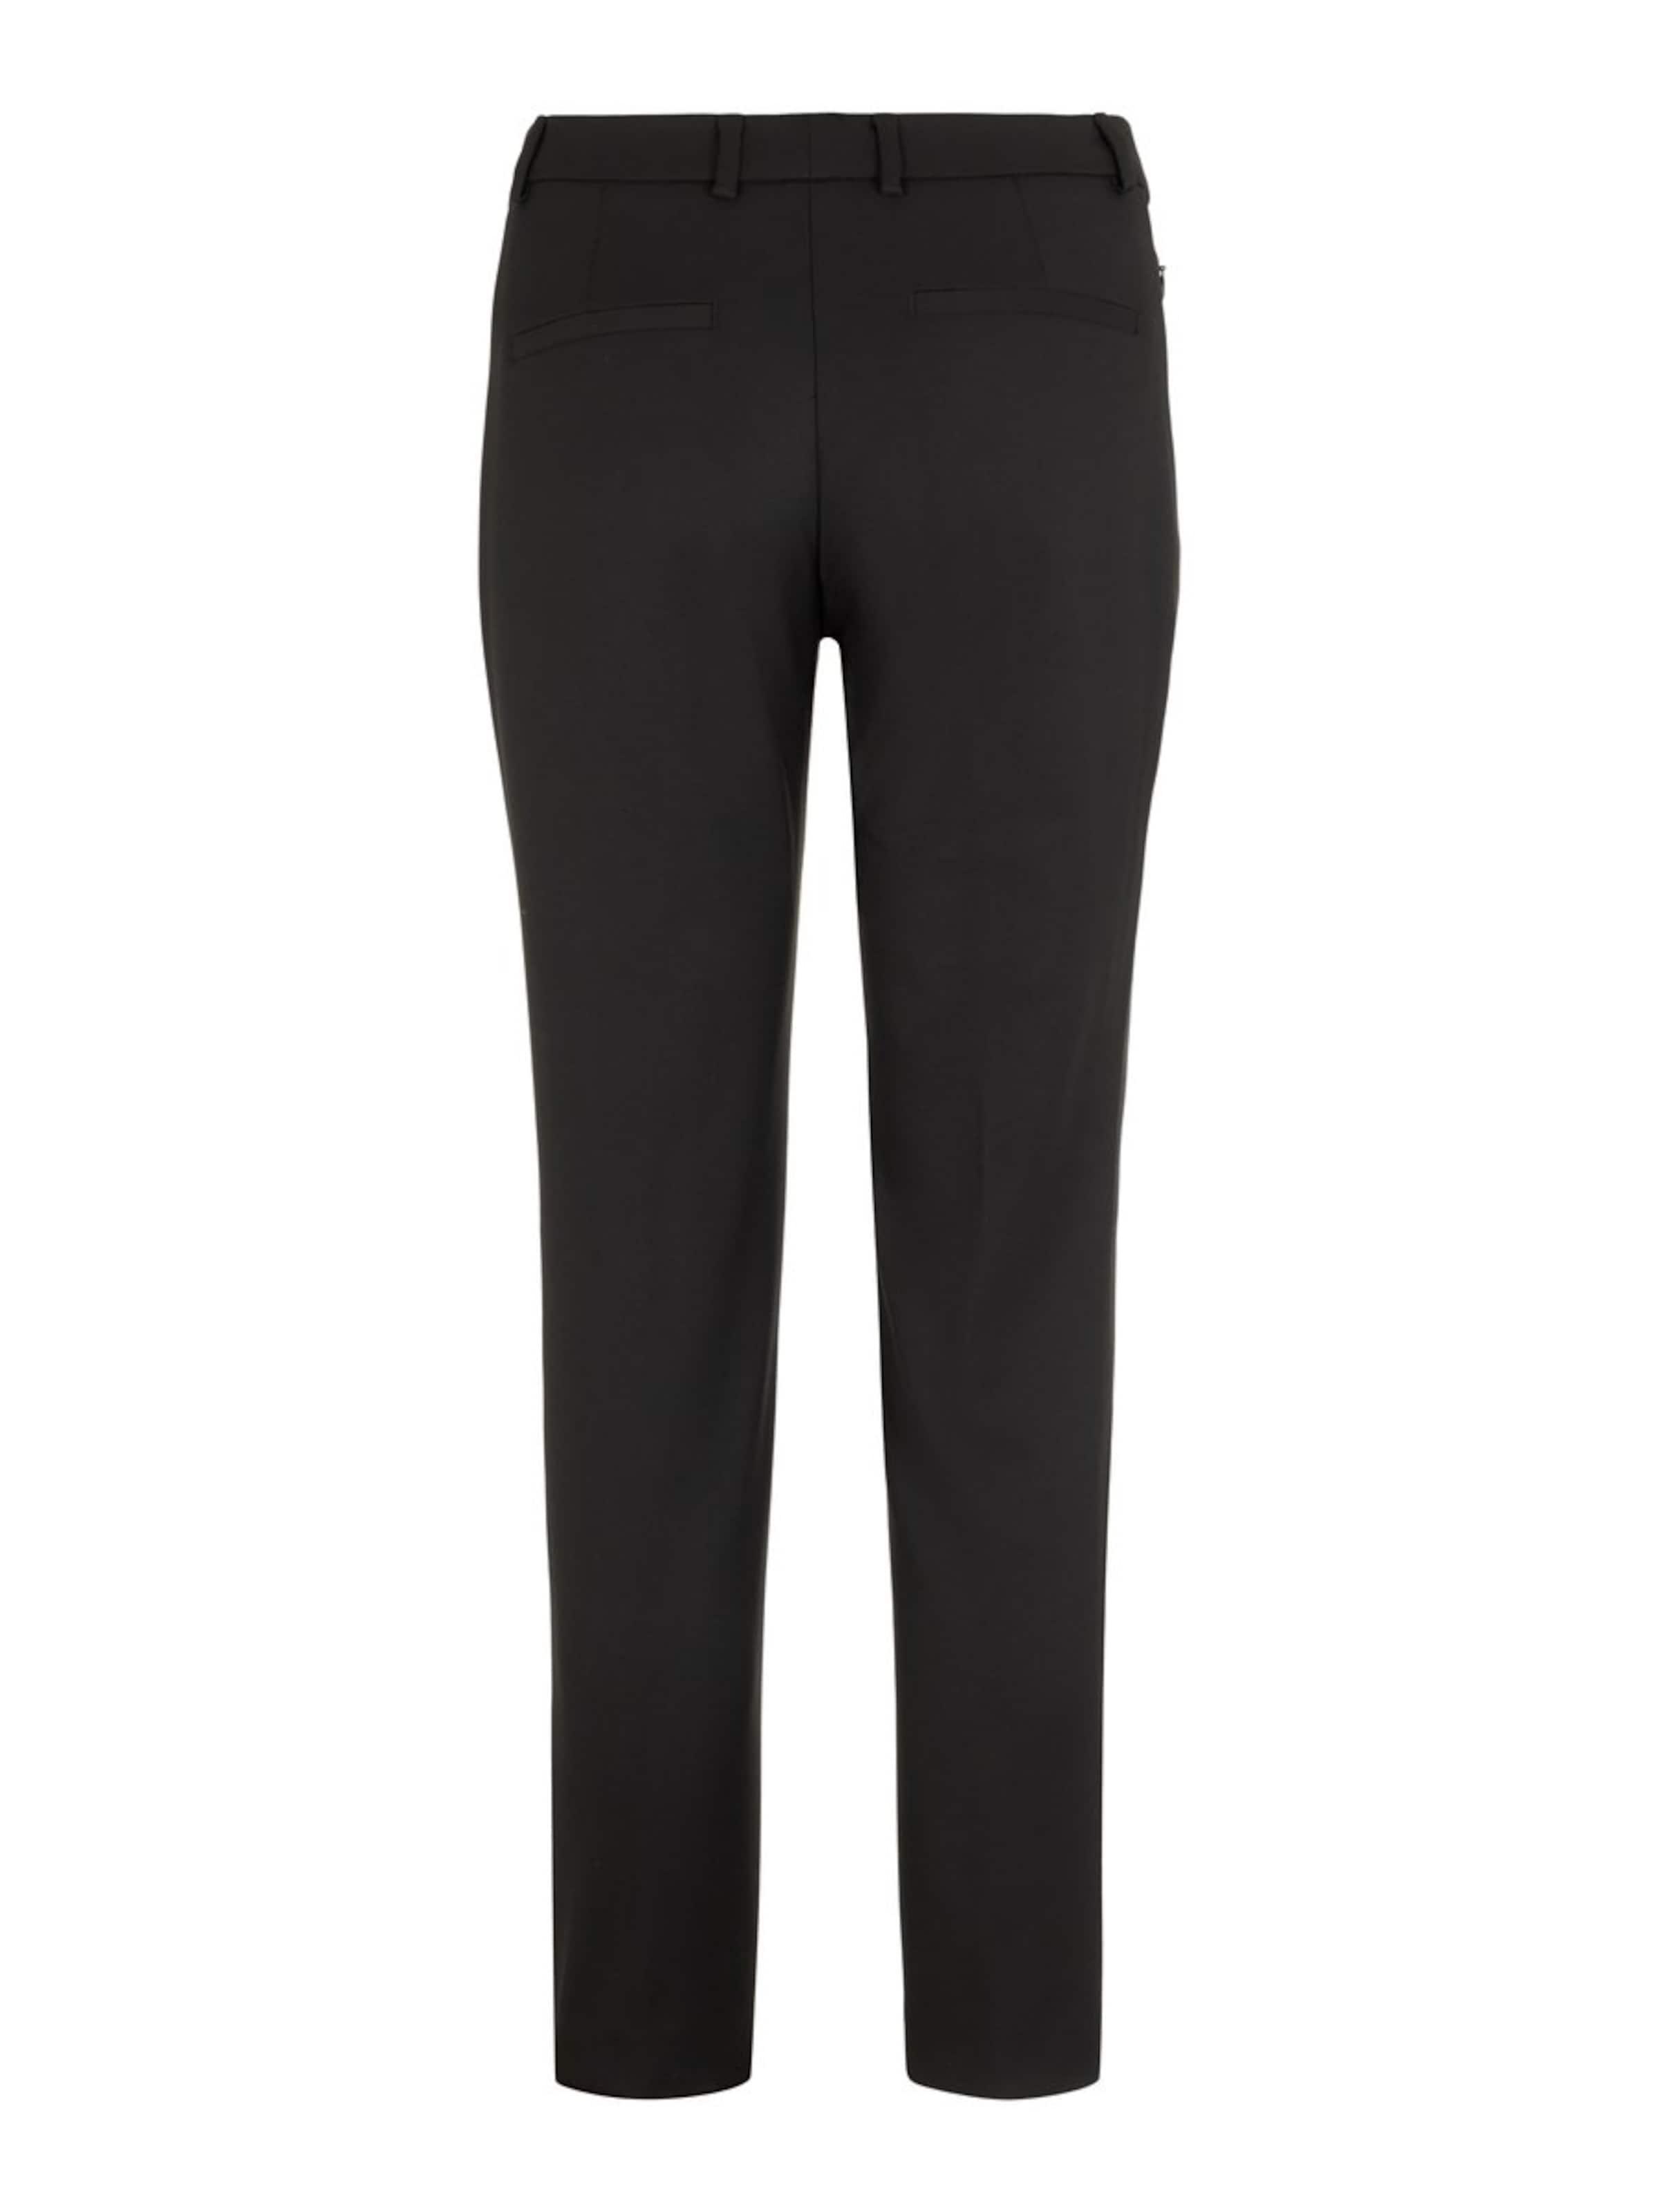 J lindeberg En Pantalon Noir 'kathy' 0kwnOP